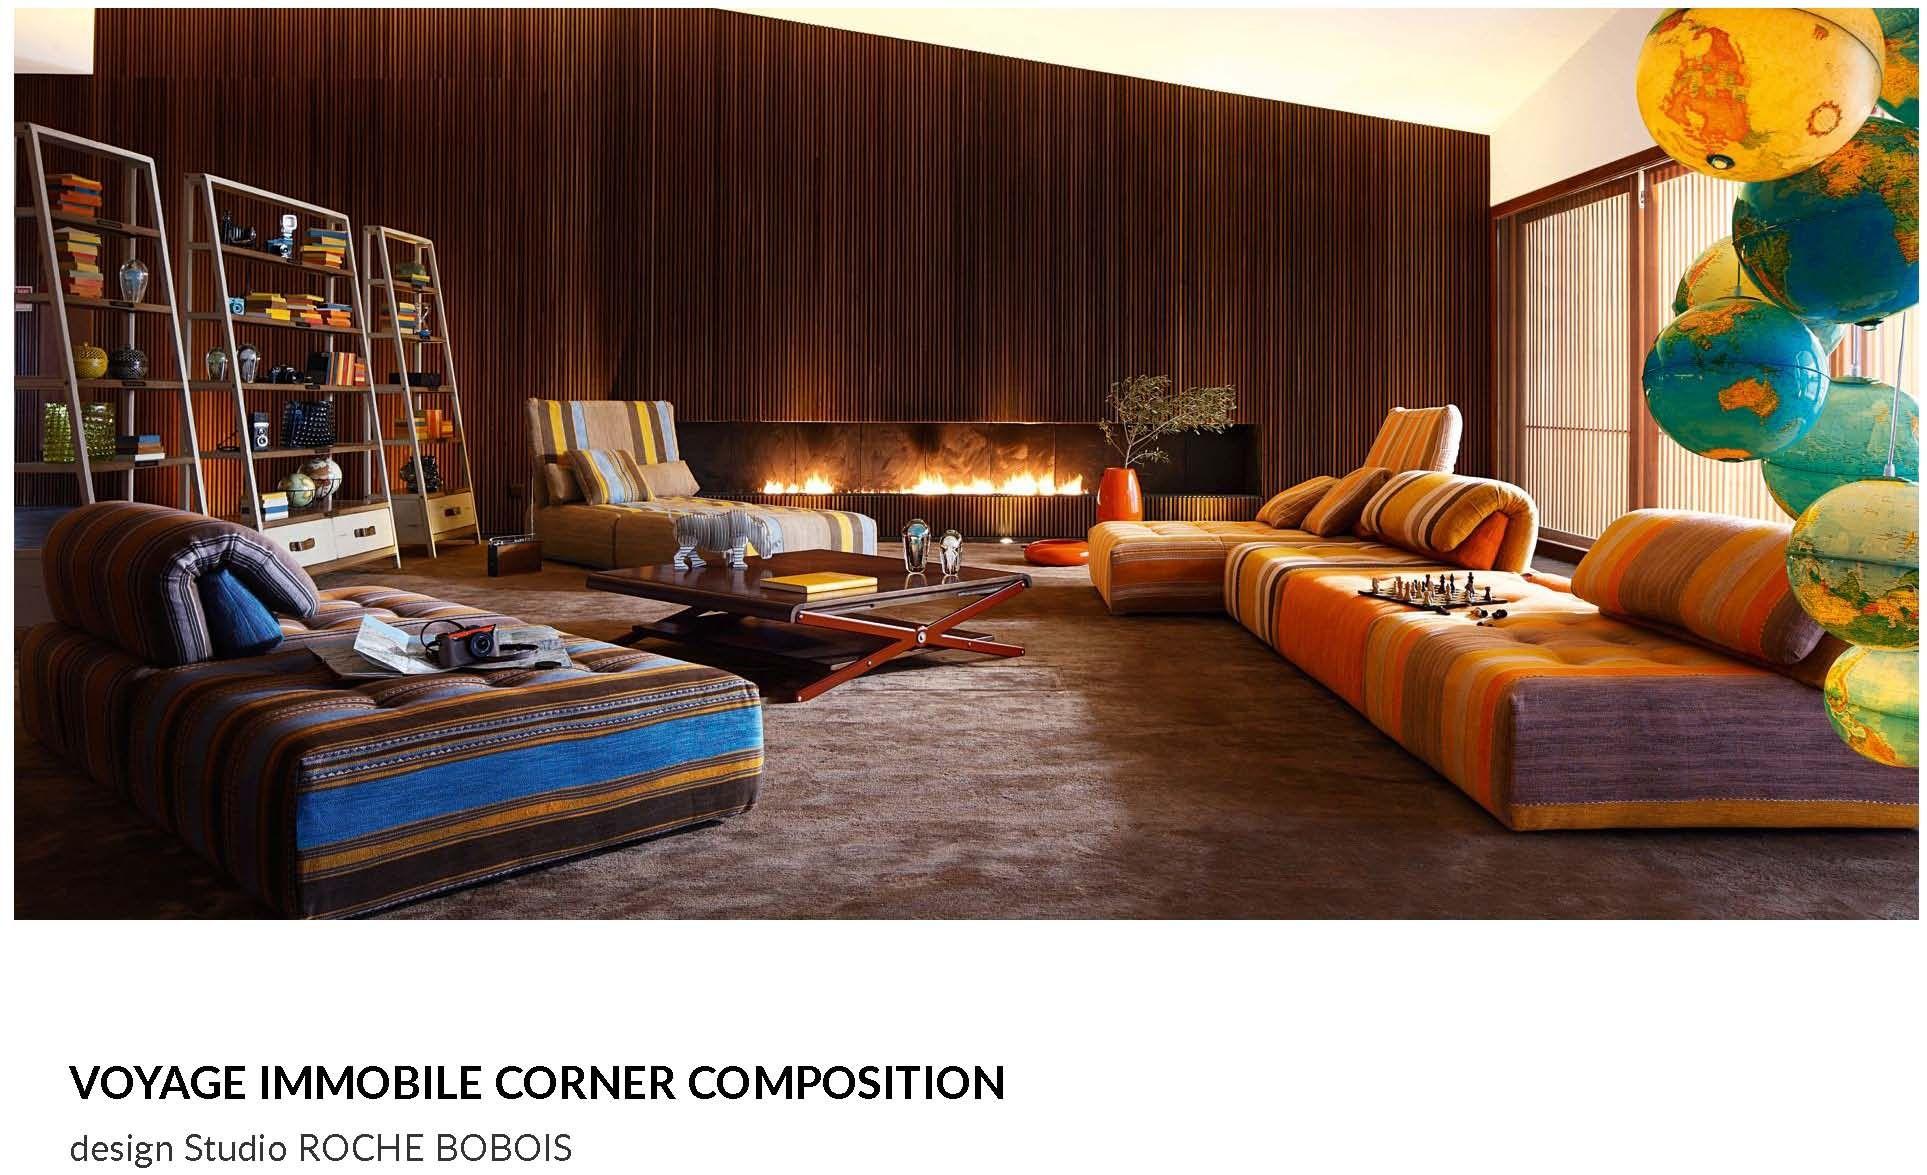 Pin by ranu kohli on Whitchurch Garden | Modular sofa ...